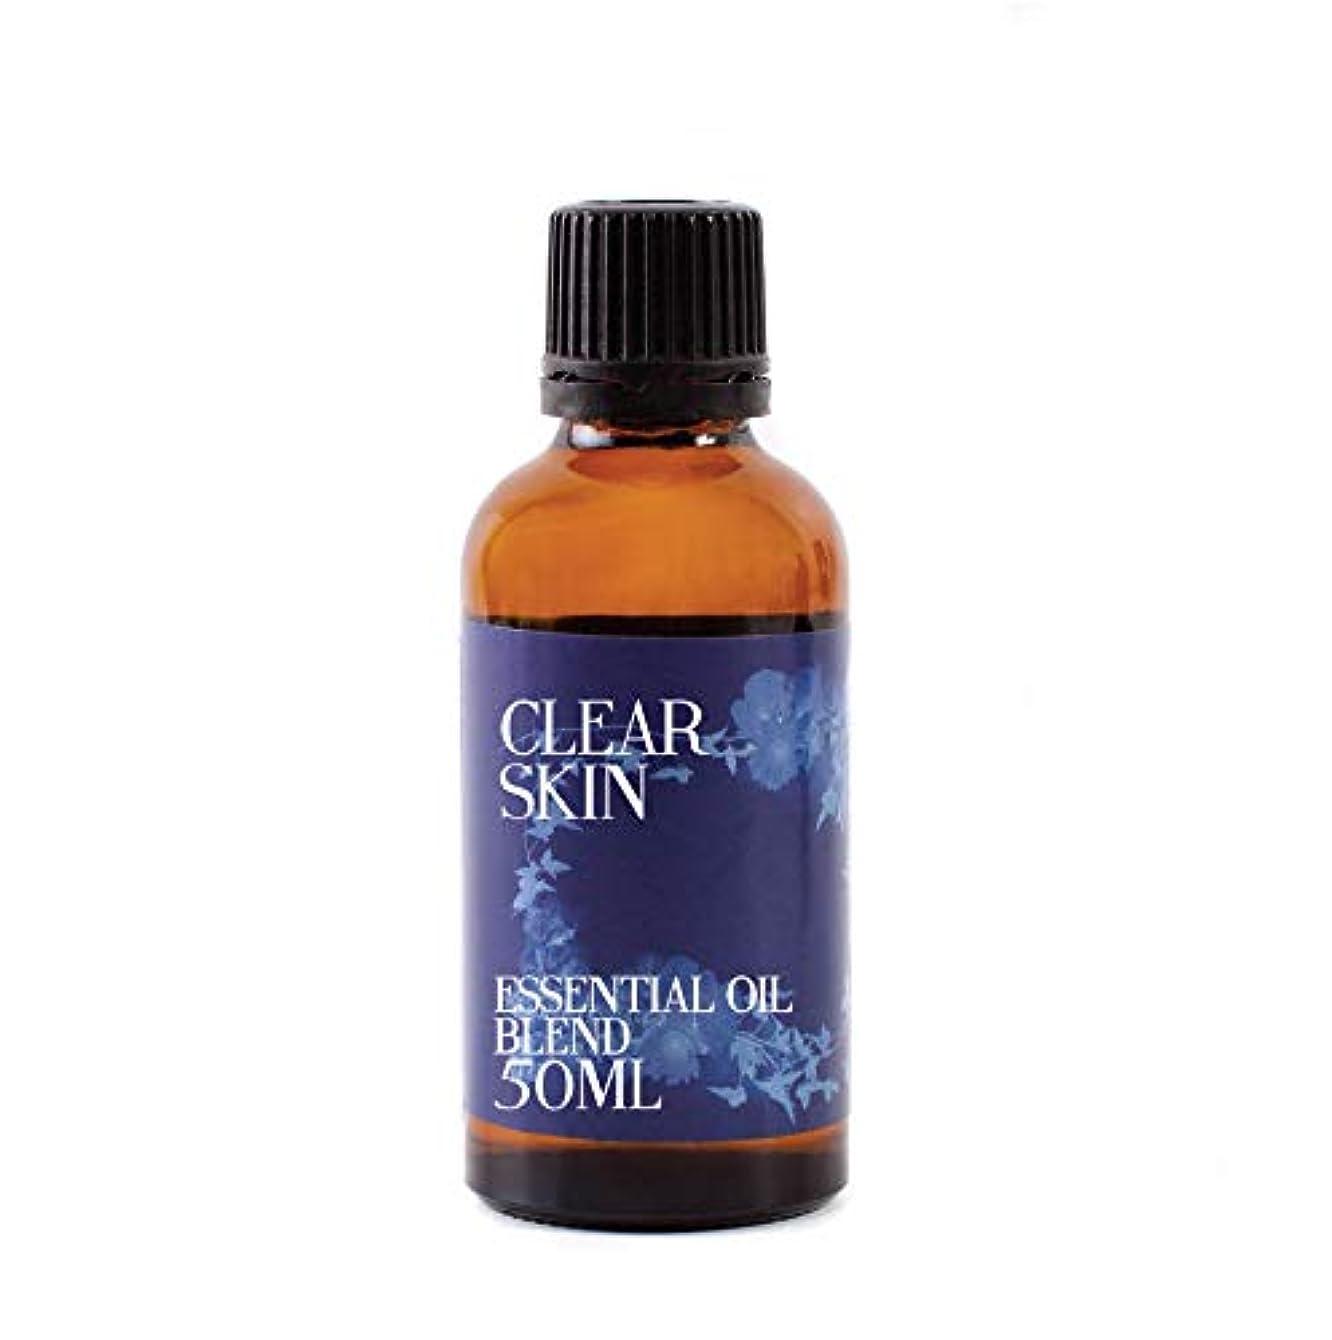 ハーネスライラック未満Mystix London | Clear Skin Essential Oil Blend - 50ml - 100% Pure